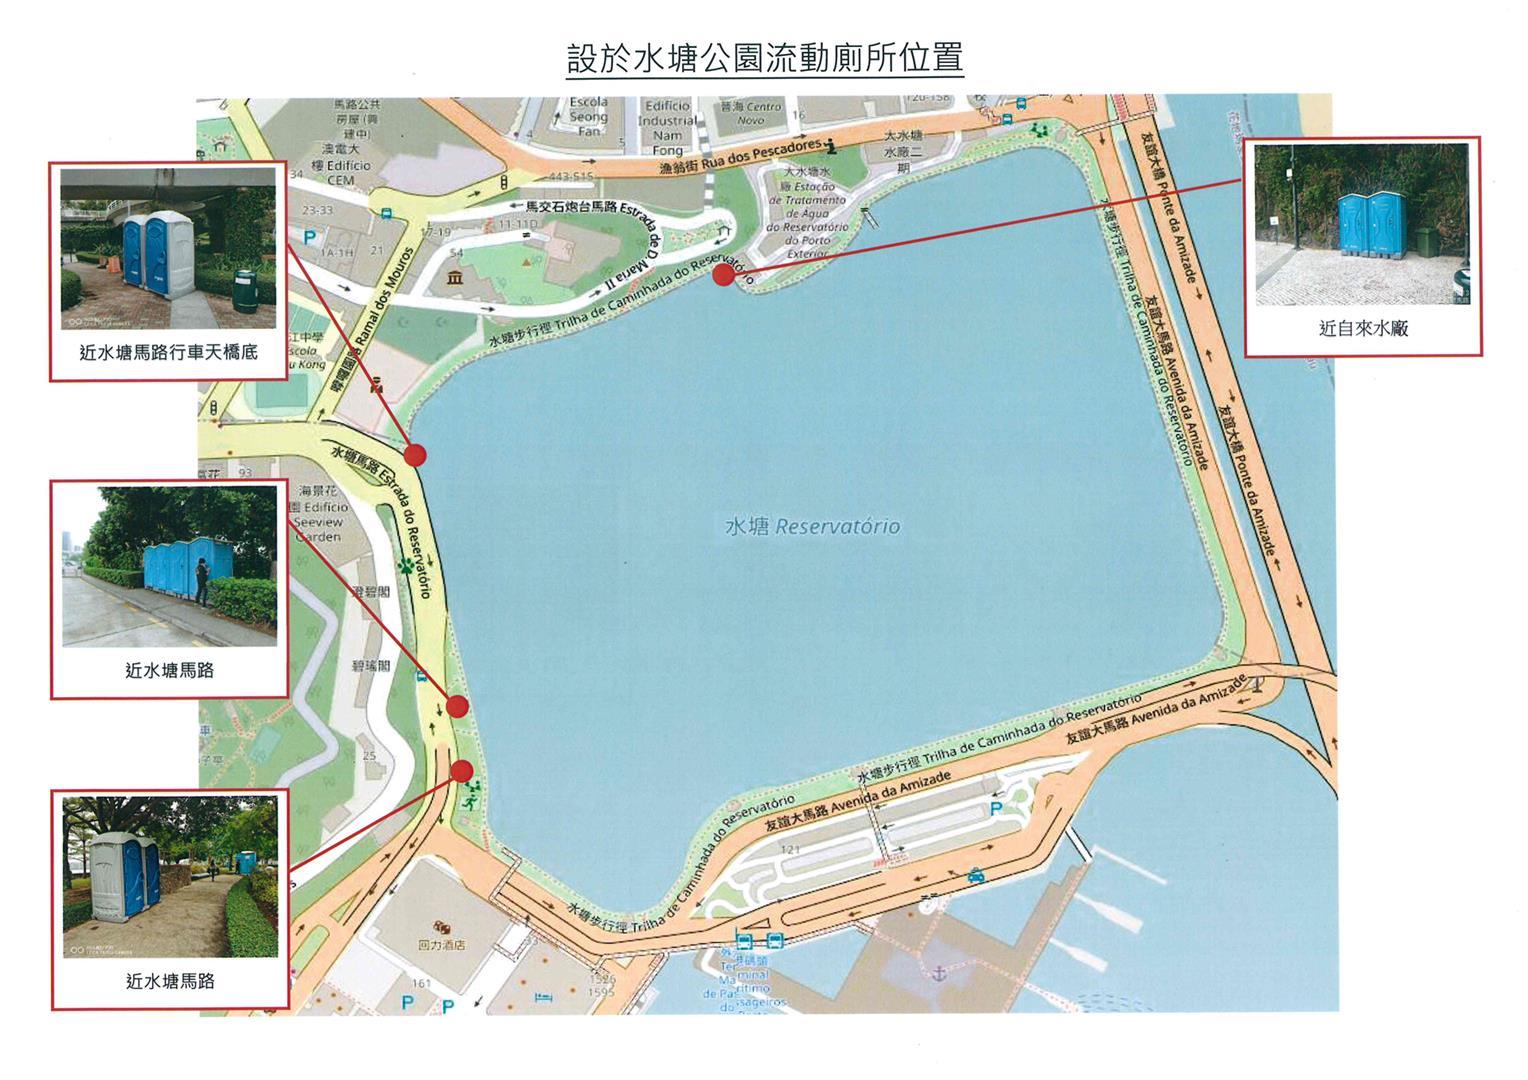 水塘公园内增设十个临时流动厕所